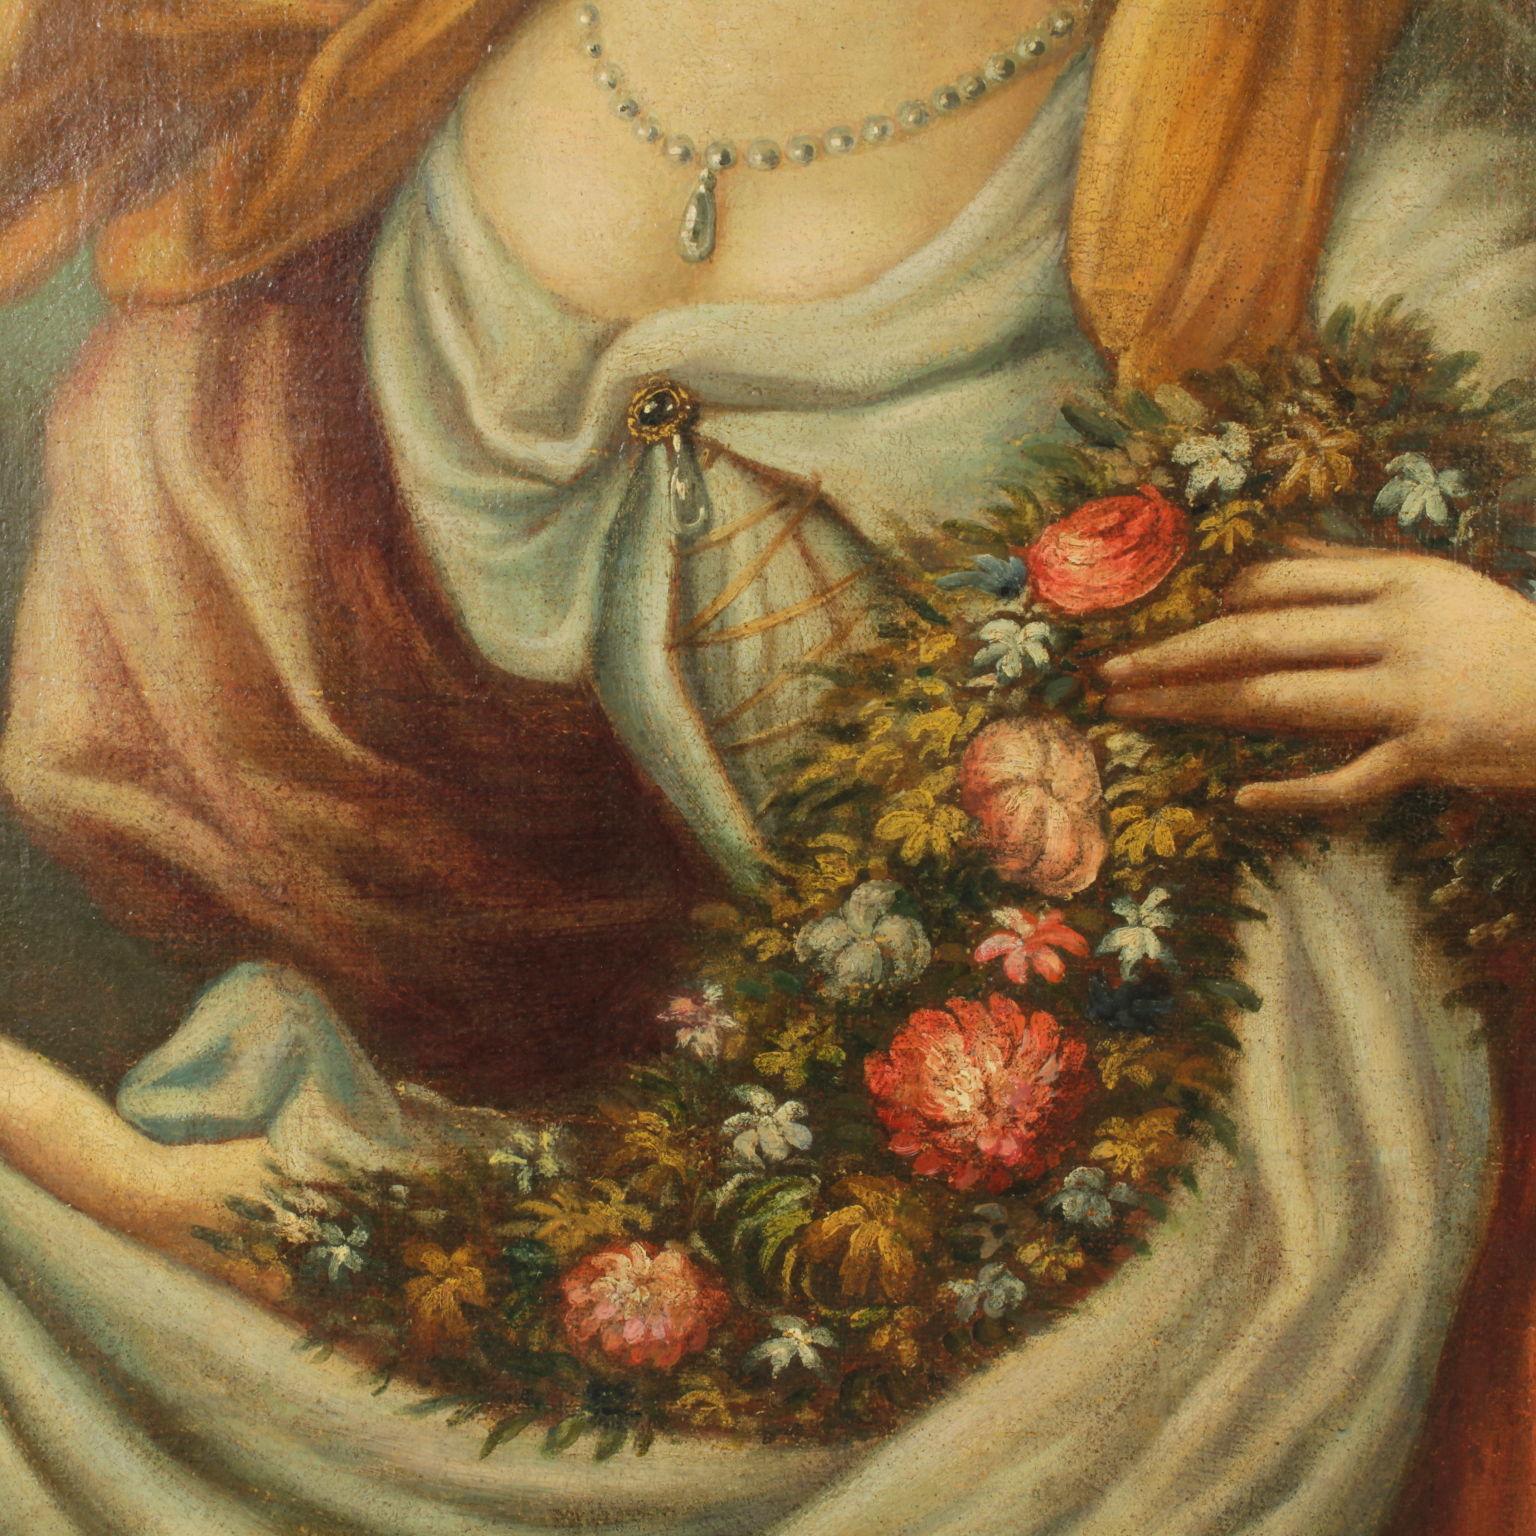 Très Ritratto di giovane gentildonna con fiori - Pittura antica - Arte  TB66